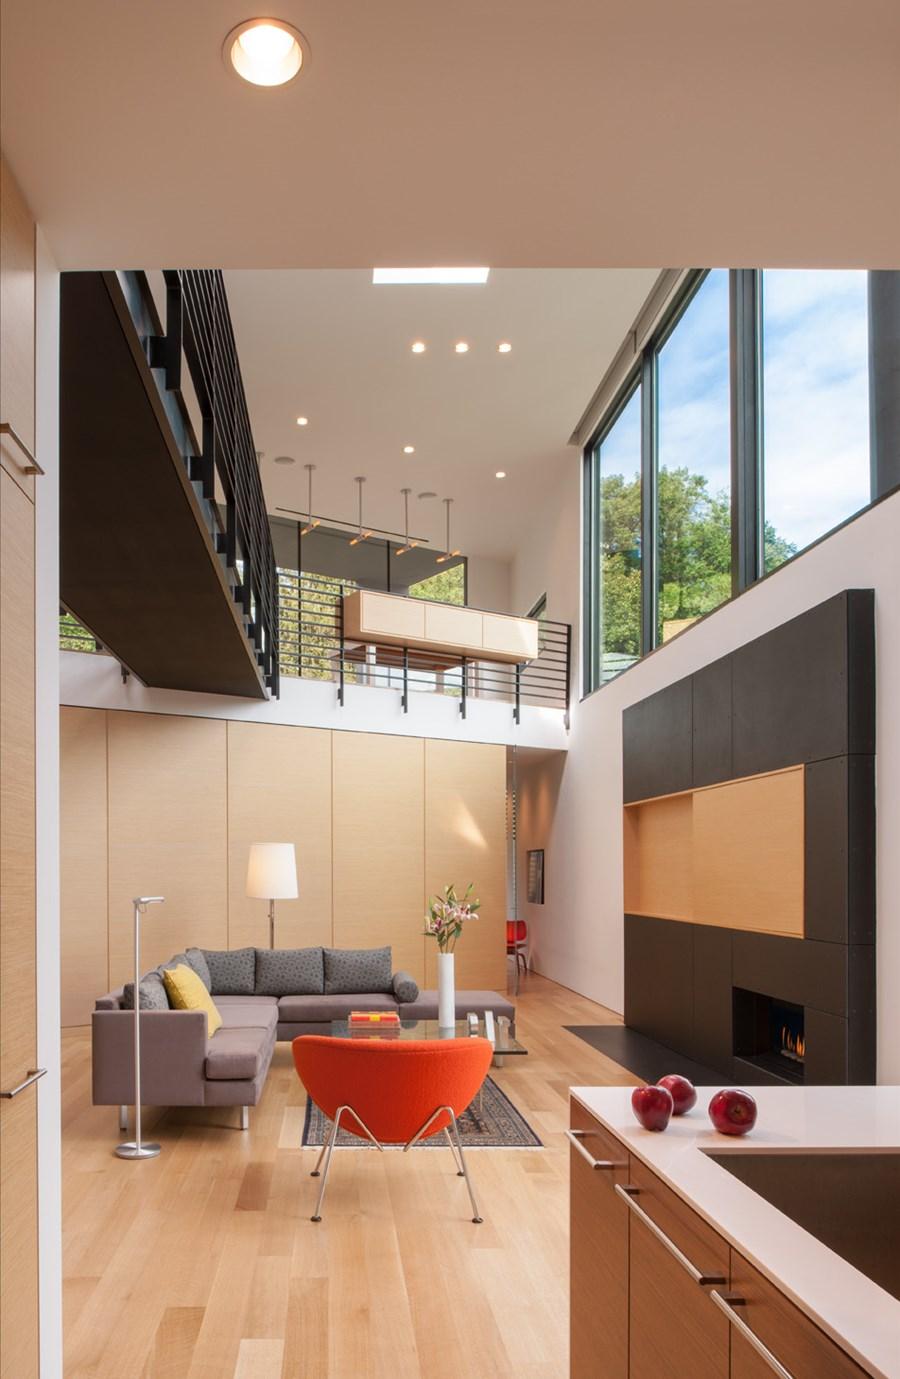 Komai by Robert M. Gurney, FAIA  Architect 03